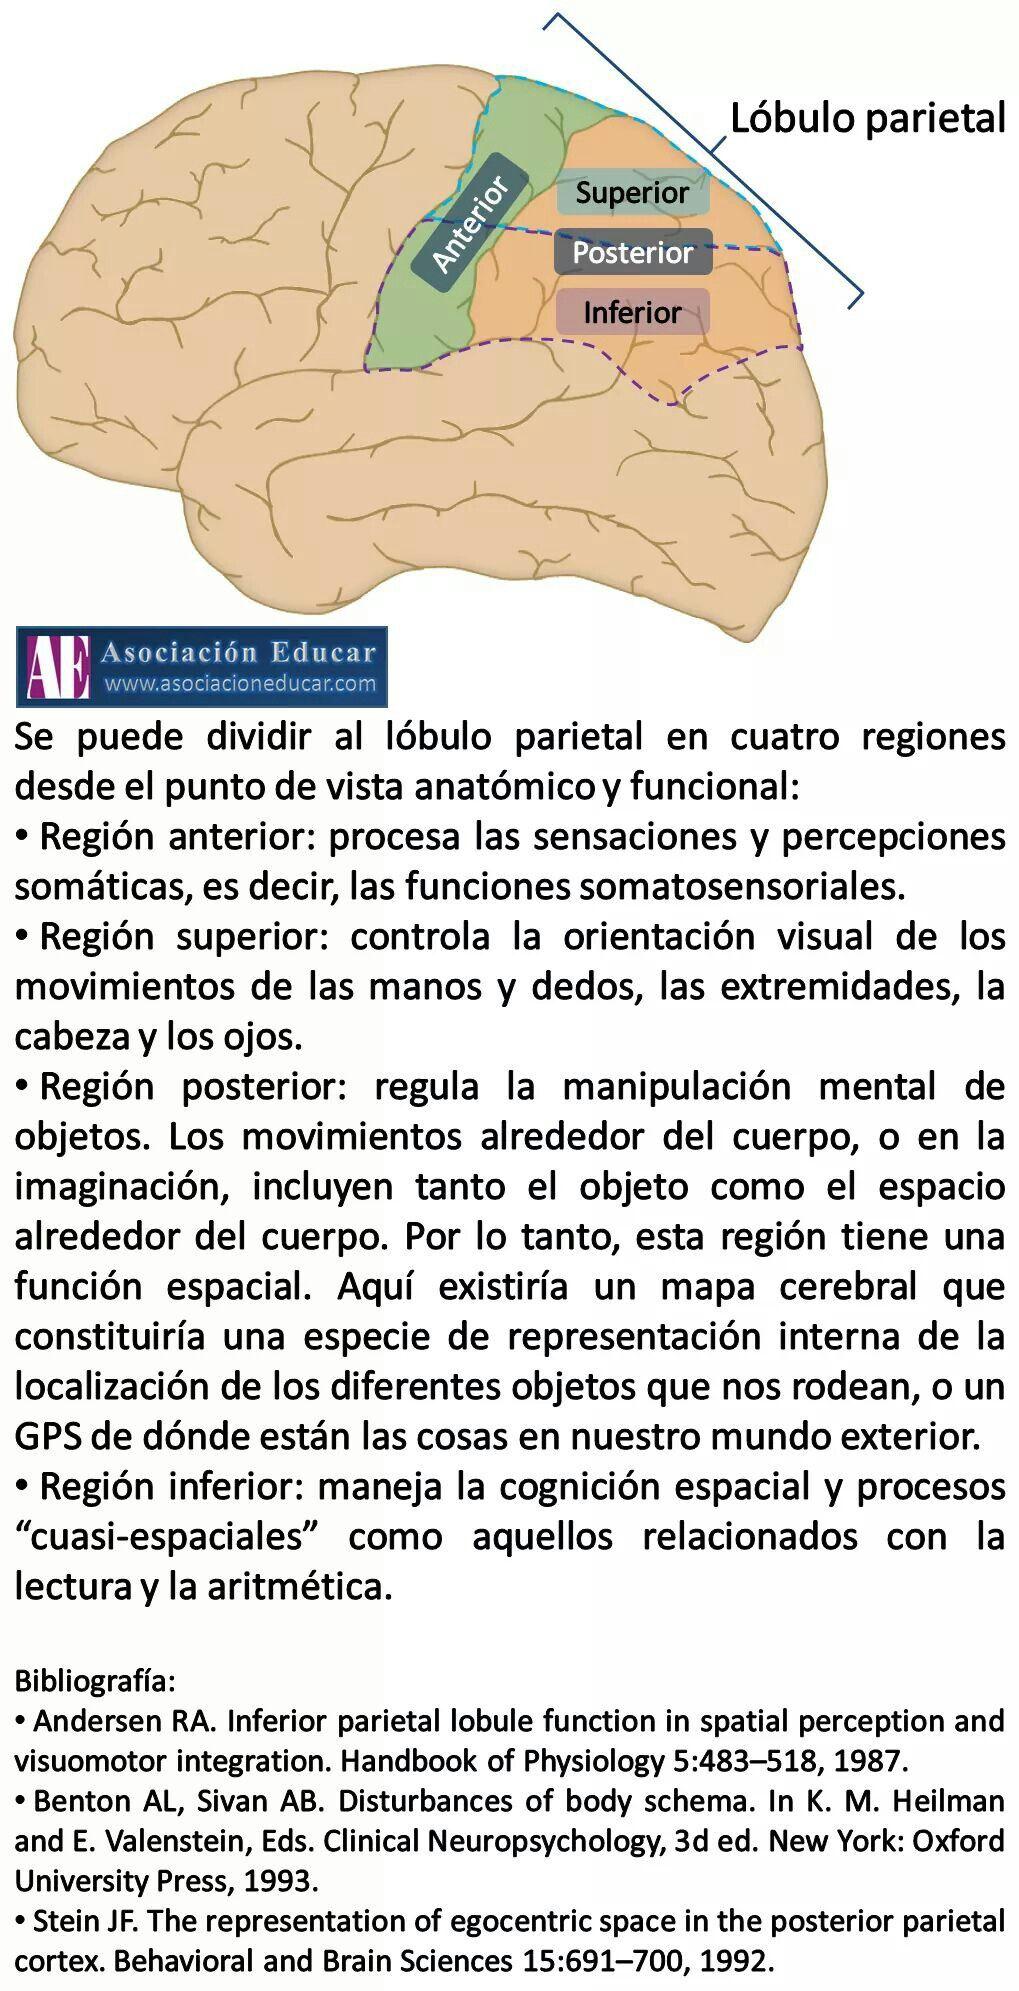 Pin de Sakura Castillo en medicine   Pinterest   Anatomía ...